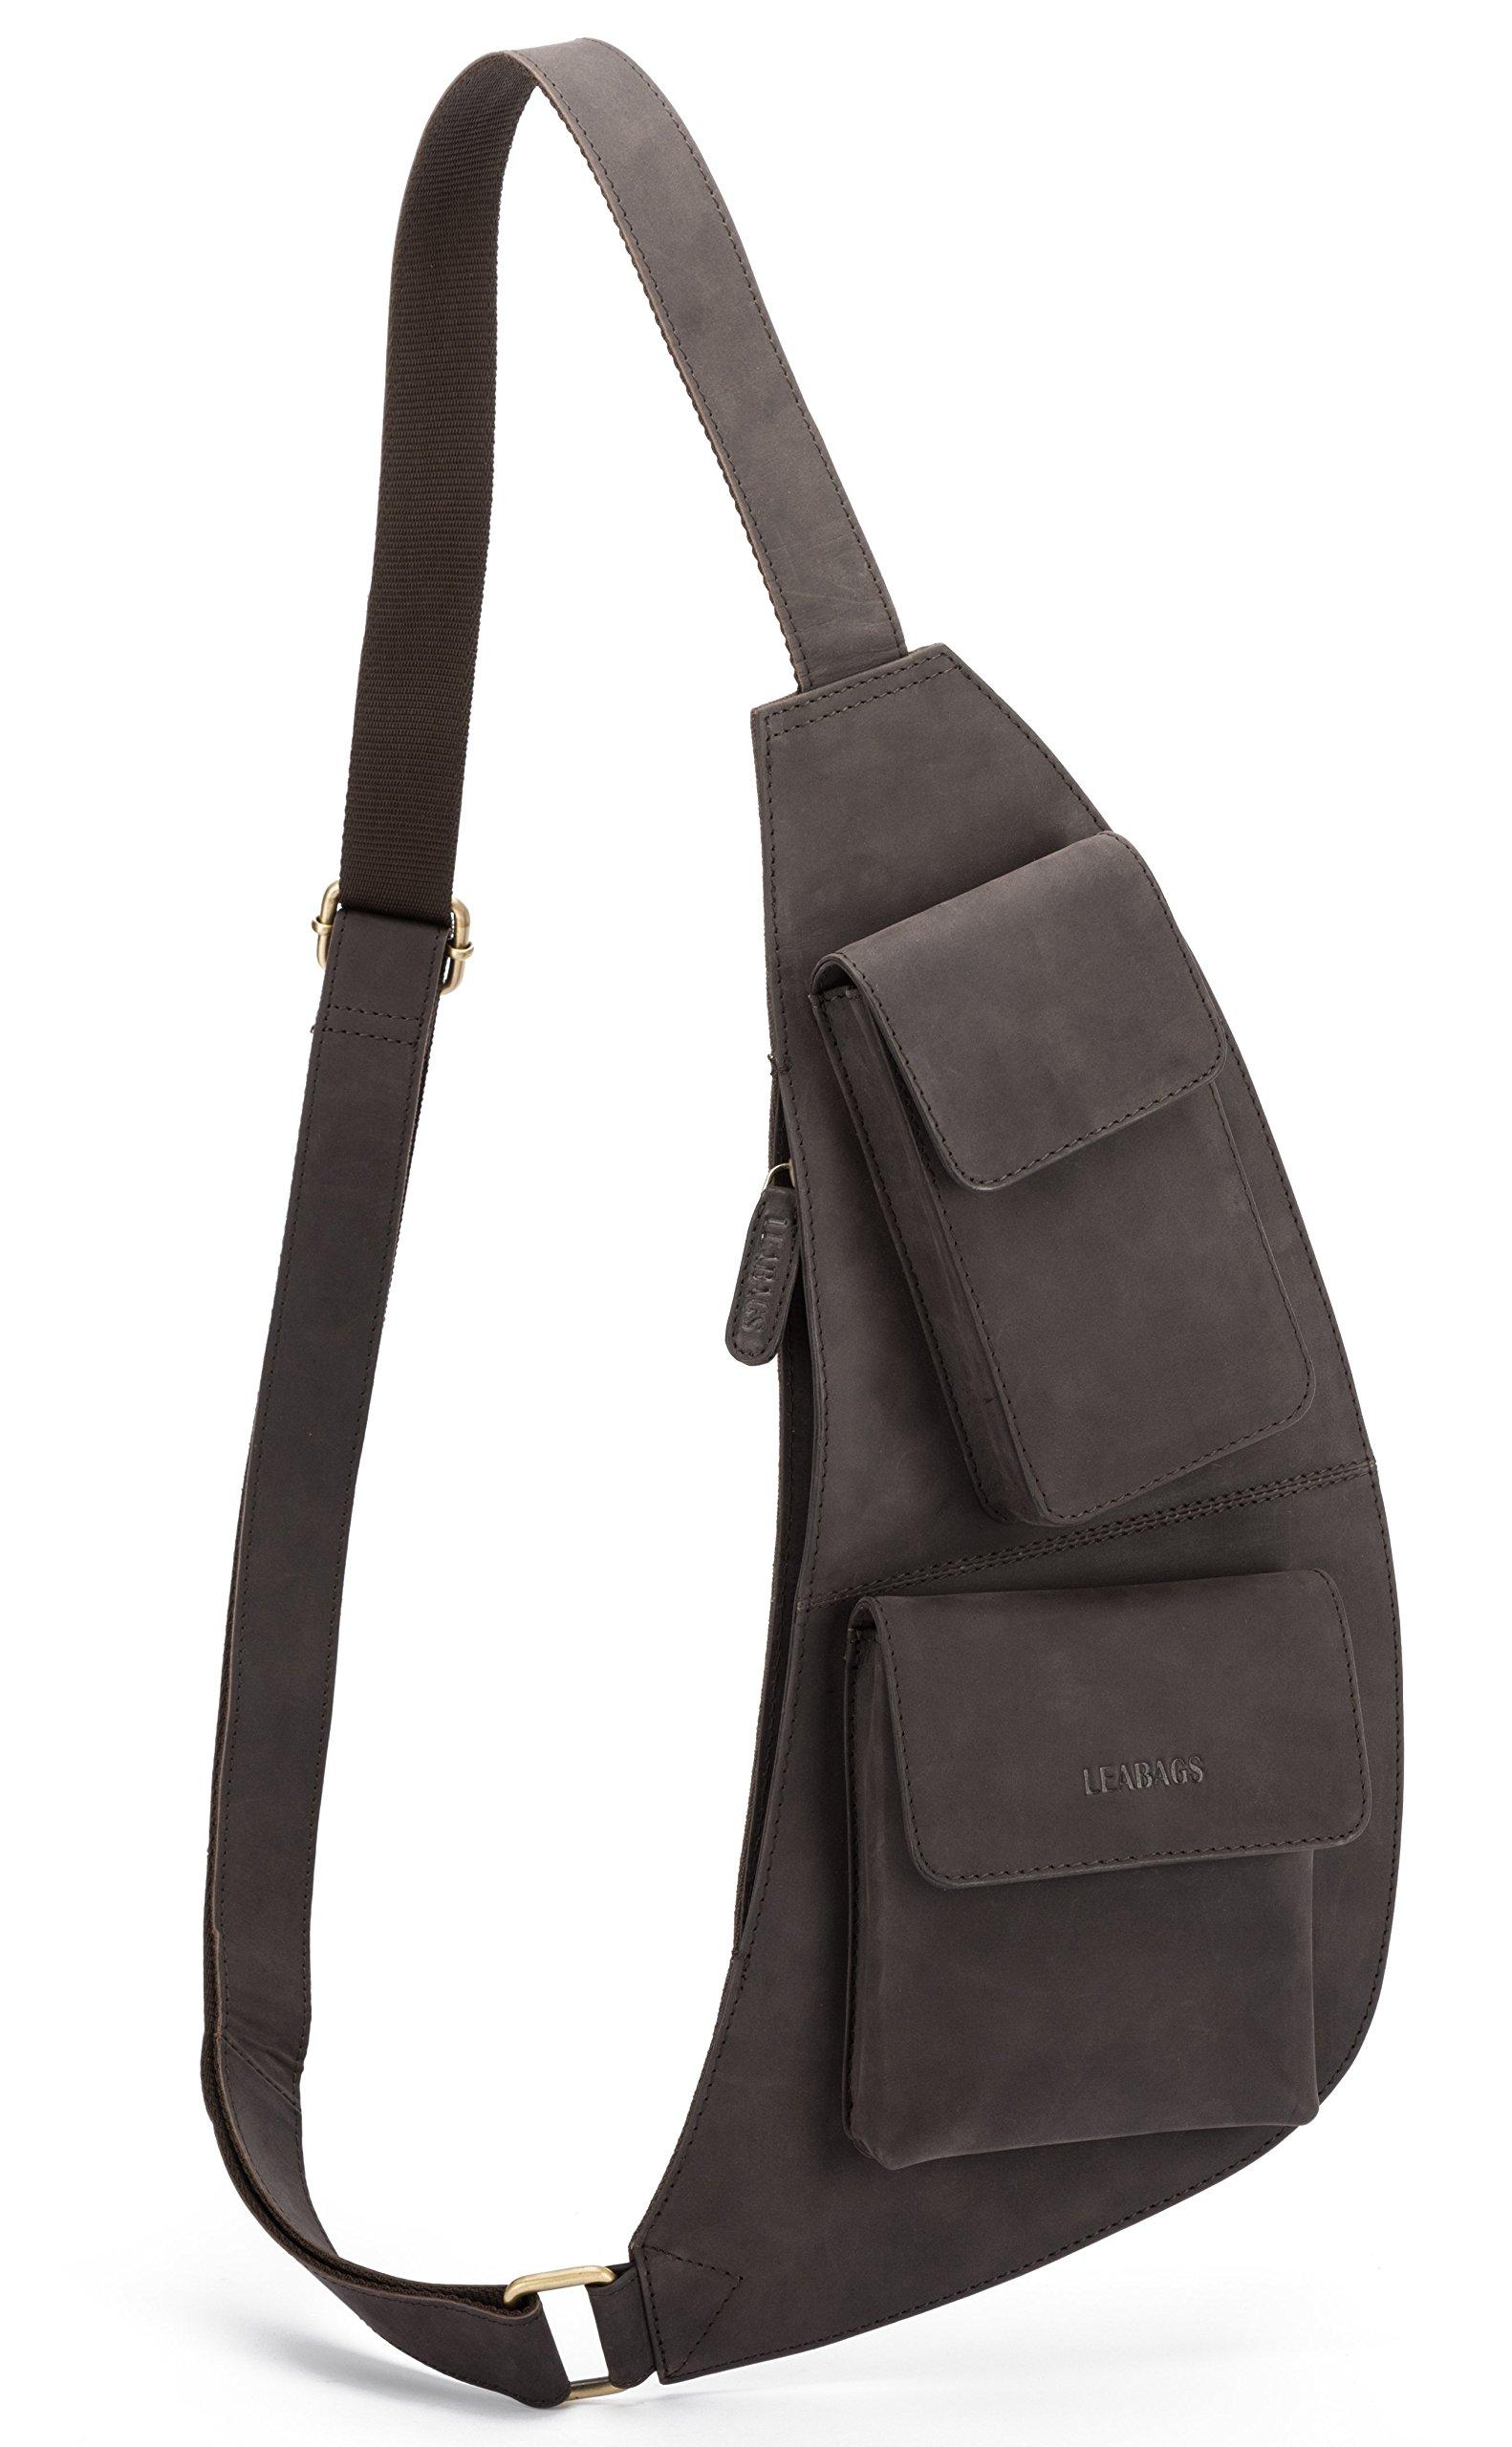 81MjWPJnJfL - LEABAGS Hamilton Bolso Pecho de auténtico Cuero búfalo en el Estilo Vintage